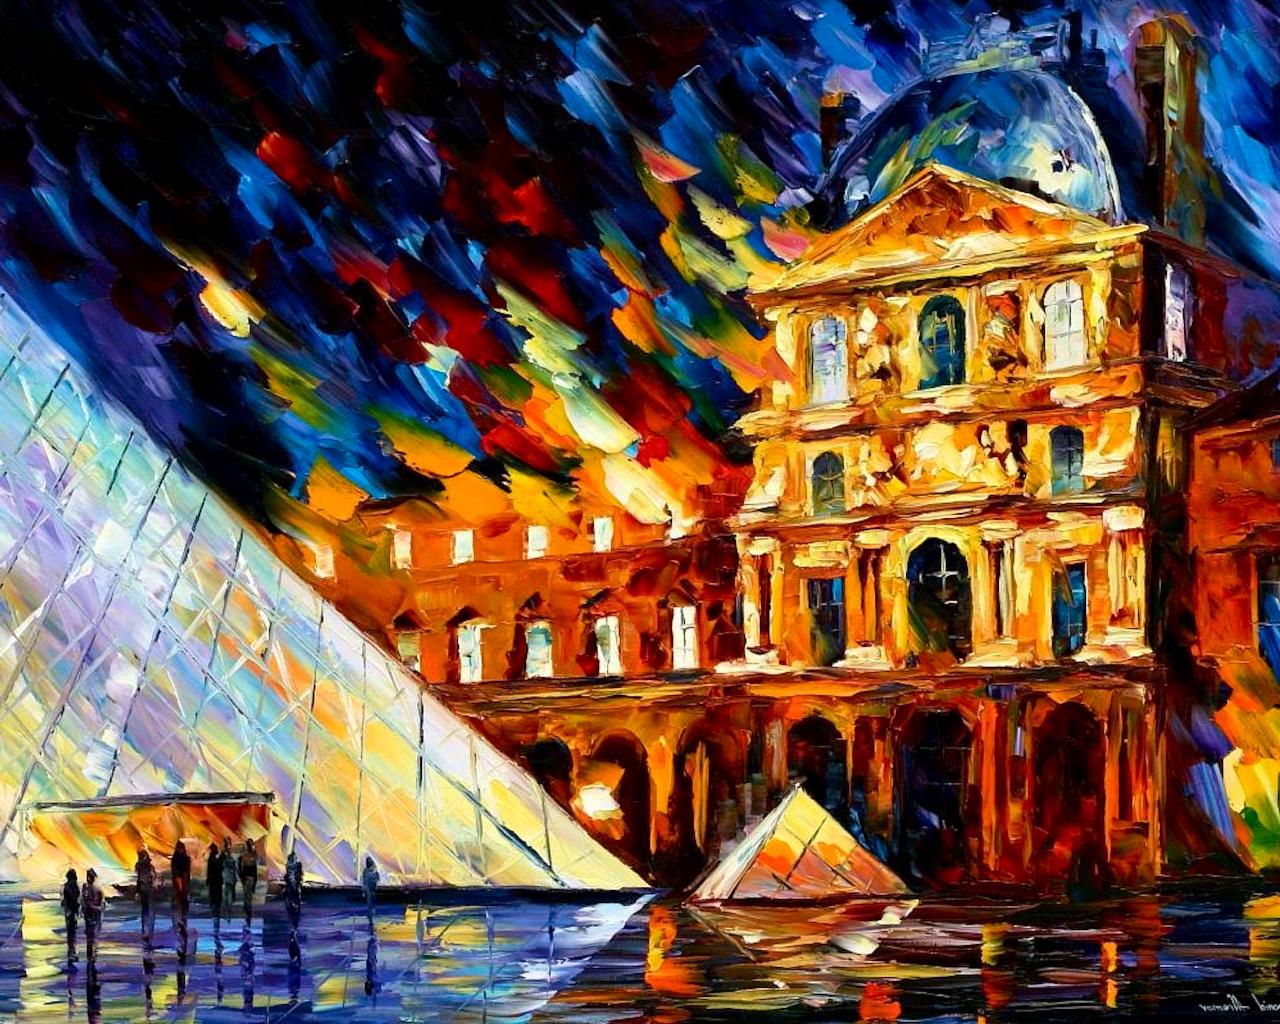 http://3.bp.blogspot.com/-TYi5s9KMtTM/Te2uyaUT6RI/AAAAAAAAAFM/aI4XIKQt_c0/s1600/best-painting-wallpaper-3.jpg